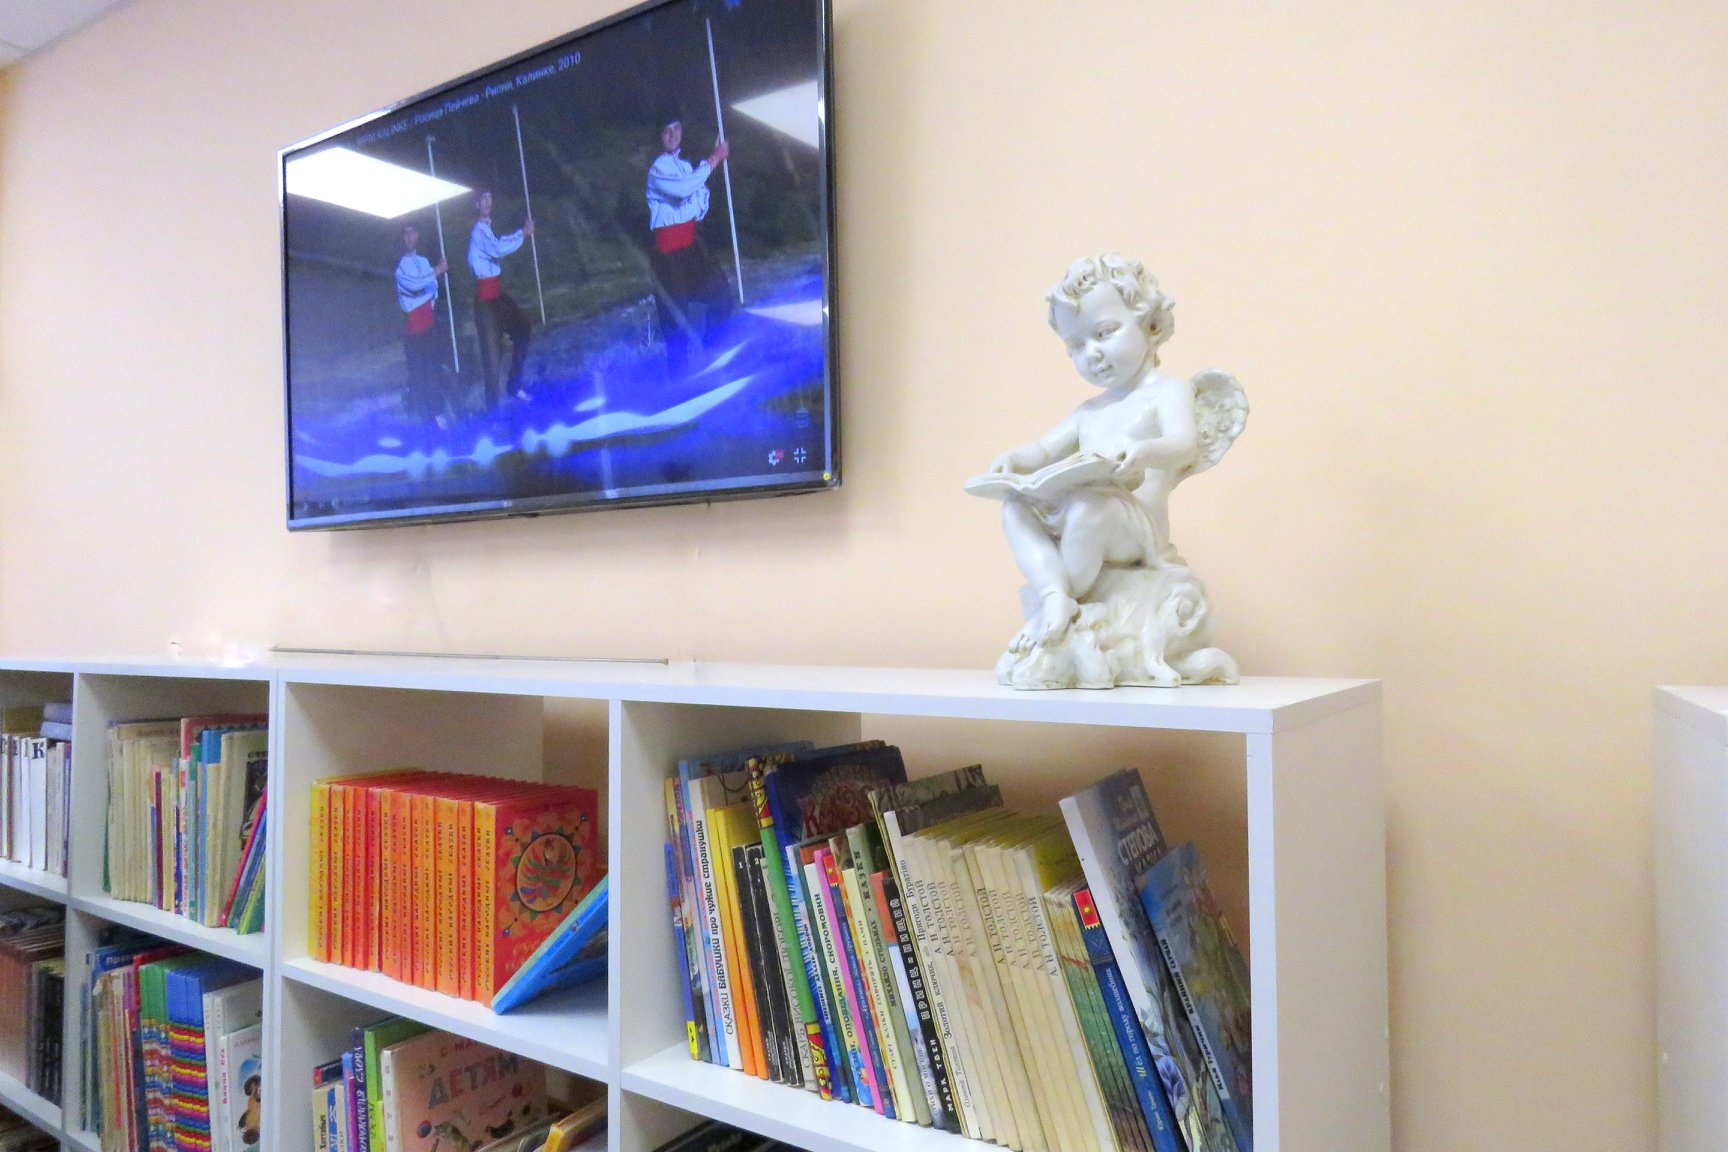 У Білій Церкві вивчають болгарську мову - навчання, Біла Церква - 79444168 2573359036118577 3451804493547569152 o